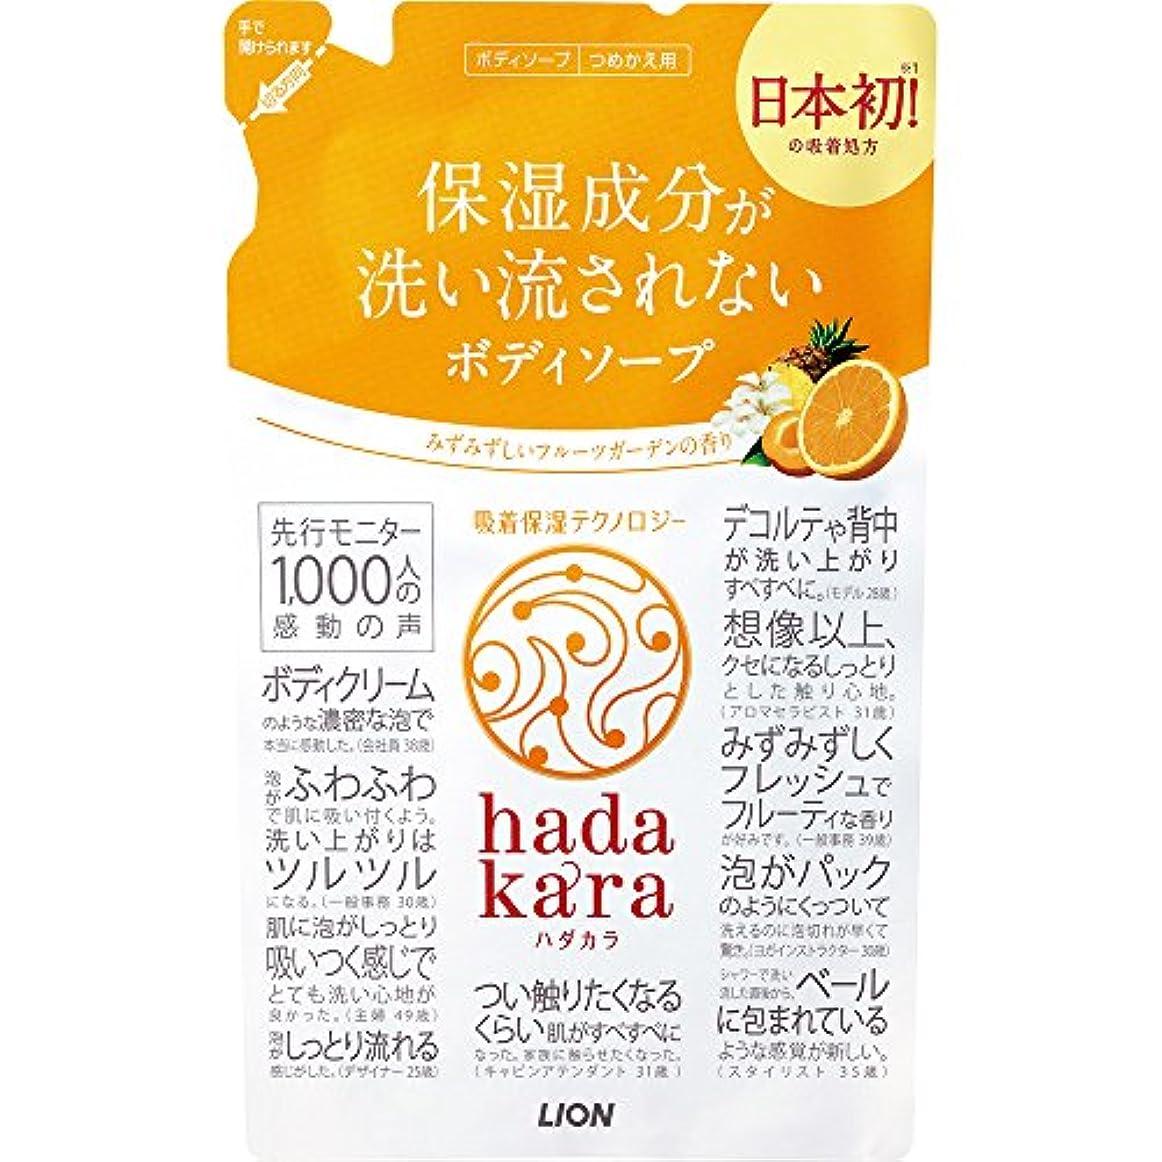 カップル保証金研磨剤hadakara(ハダカラ) ボディソープ フルーツガーデンの香り 詰め替え 360ml